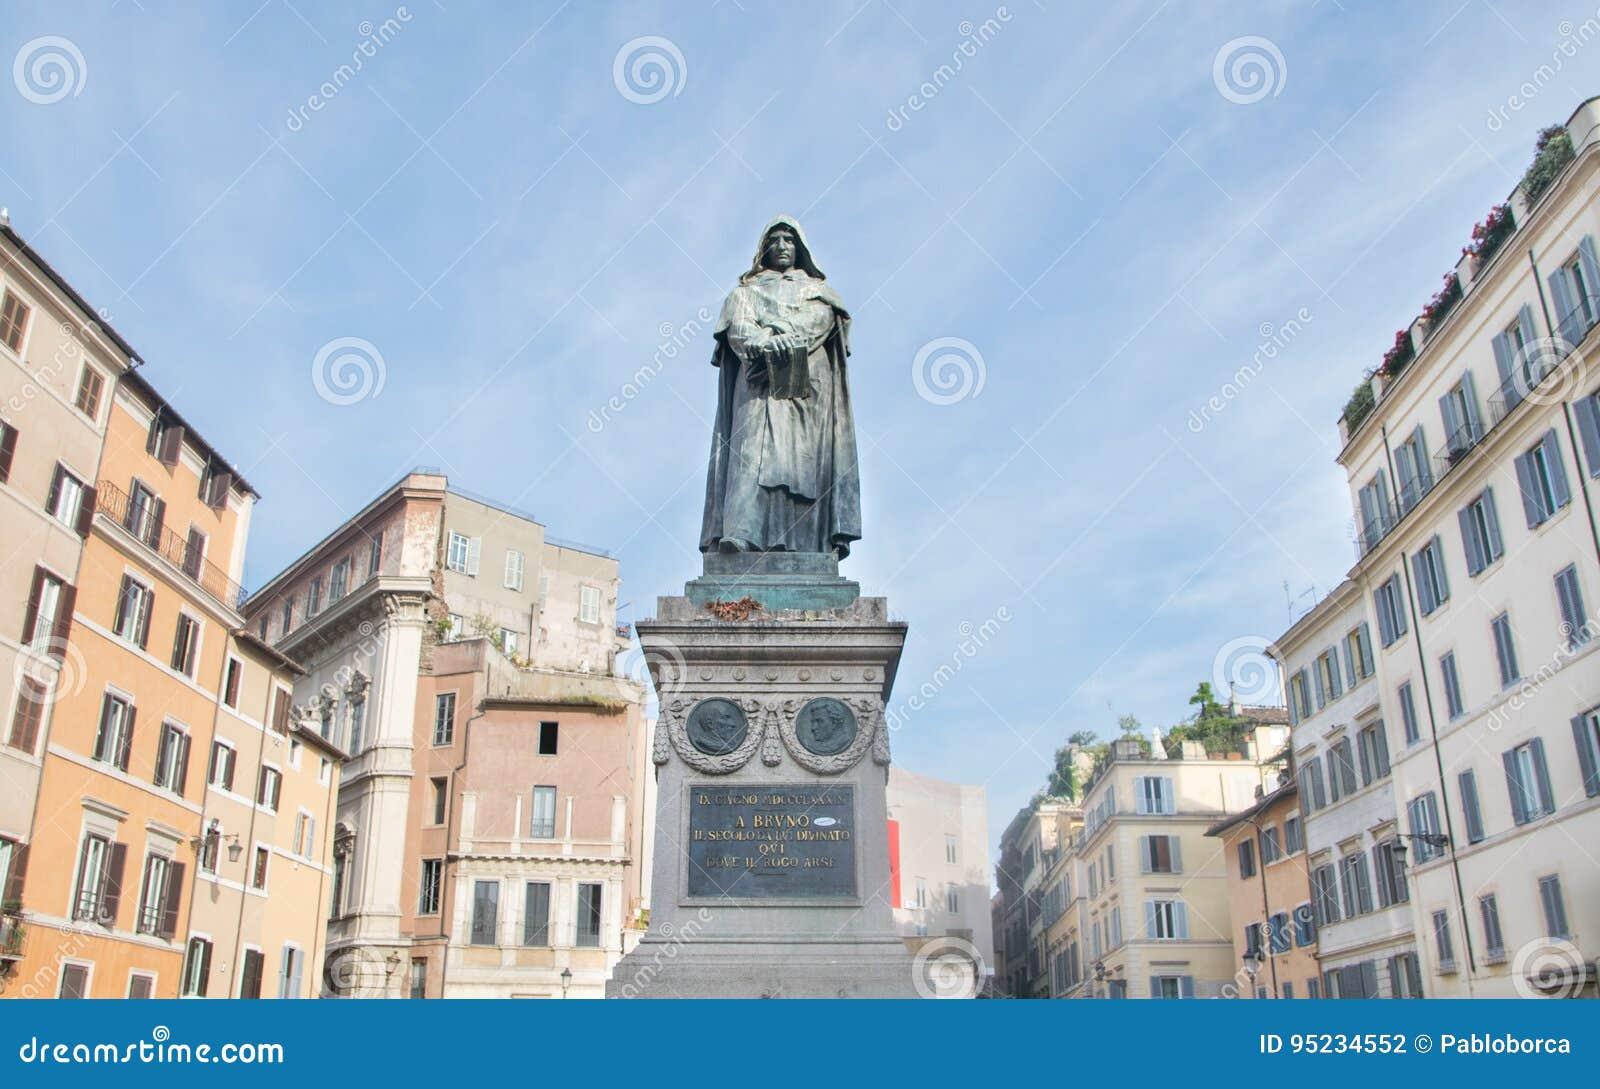 Statue de Giordano Bruno à la place de Campo Dei Fiori à Rome